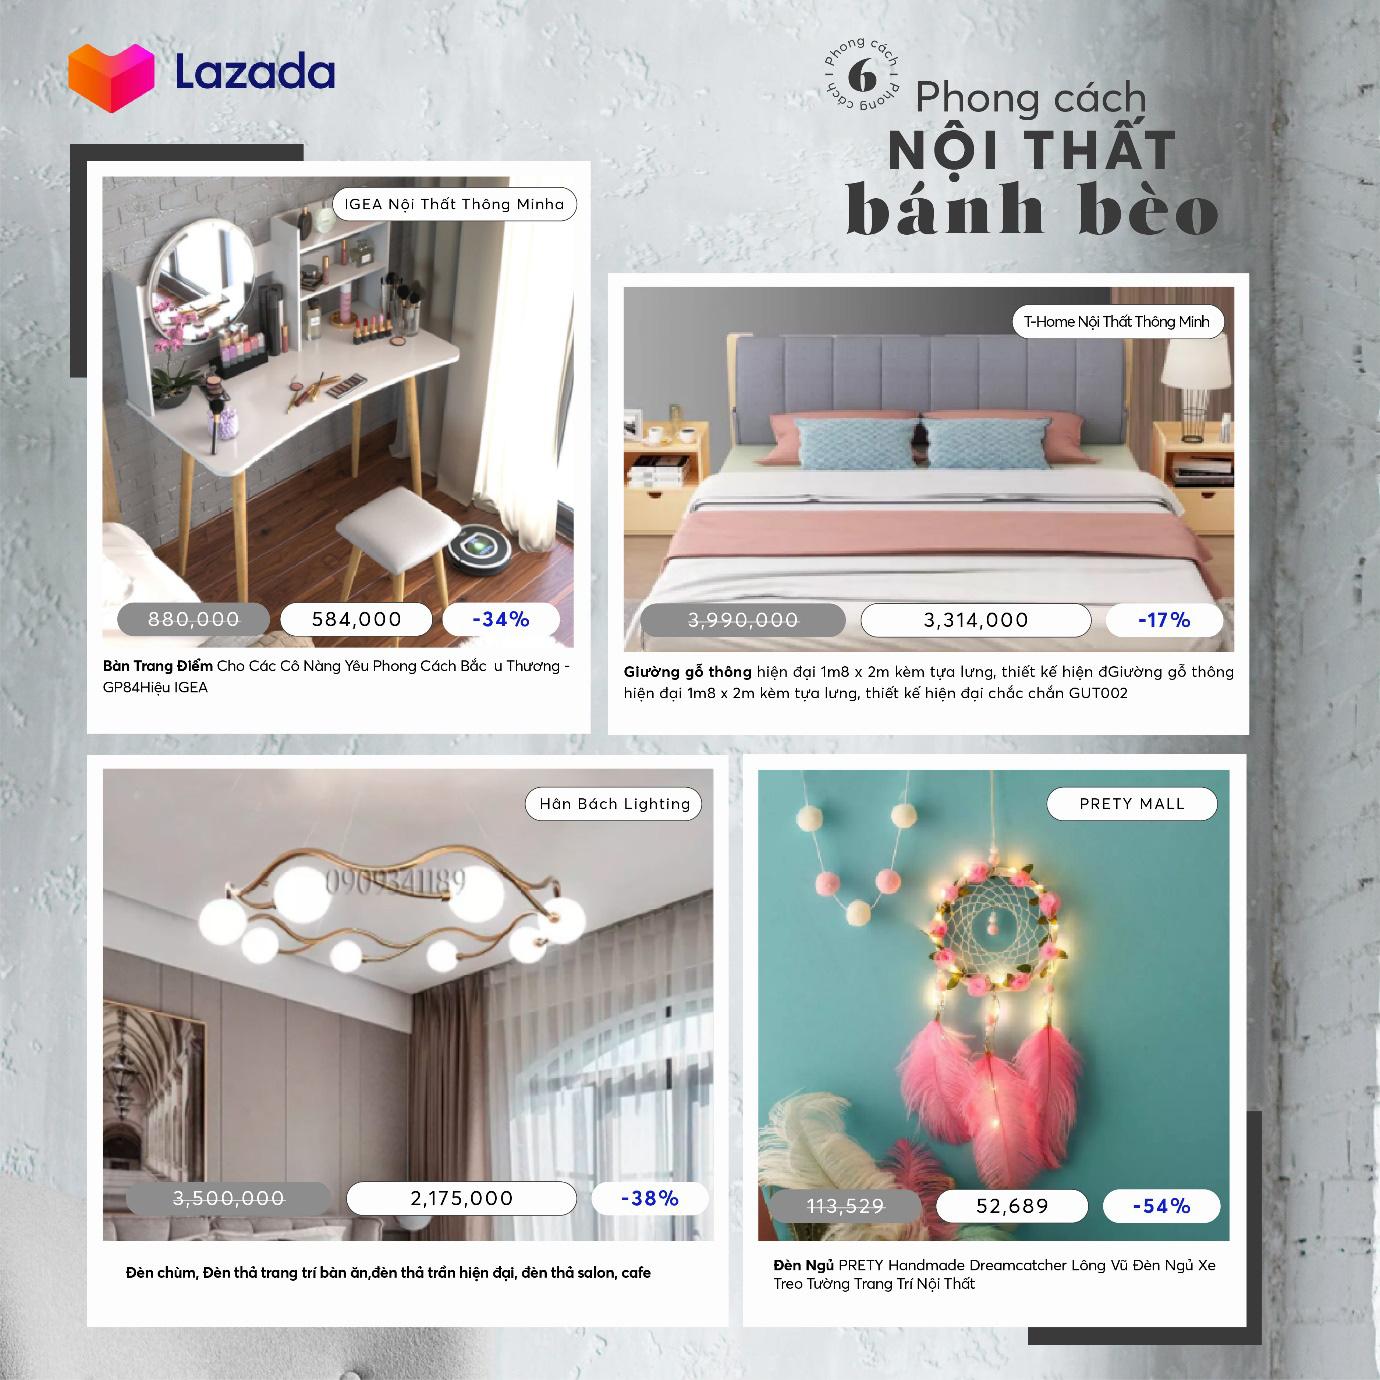 6 phong cách decor nhà cửa đón Tết và loạt đồ nội thất sale đẫm không thể bỏ qua - Ảnh 6.